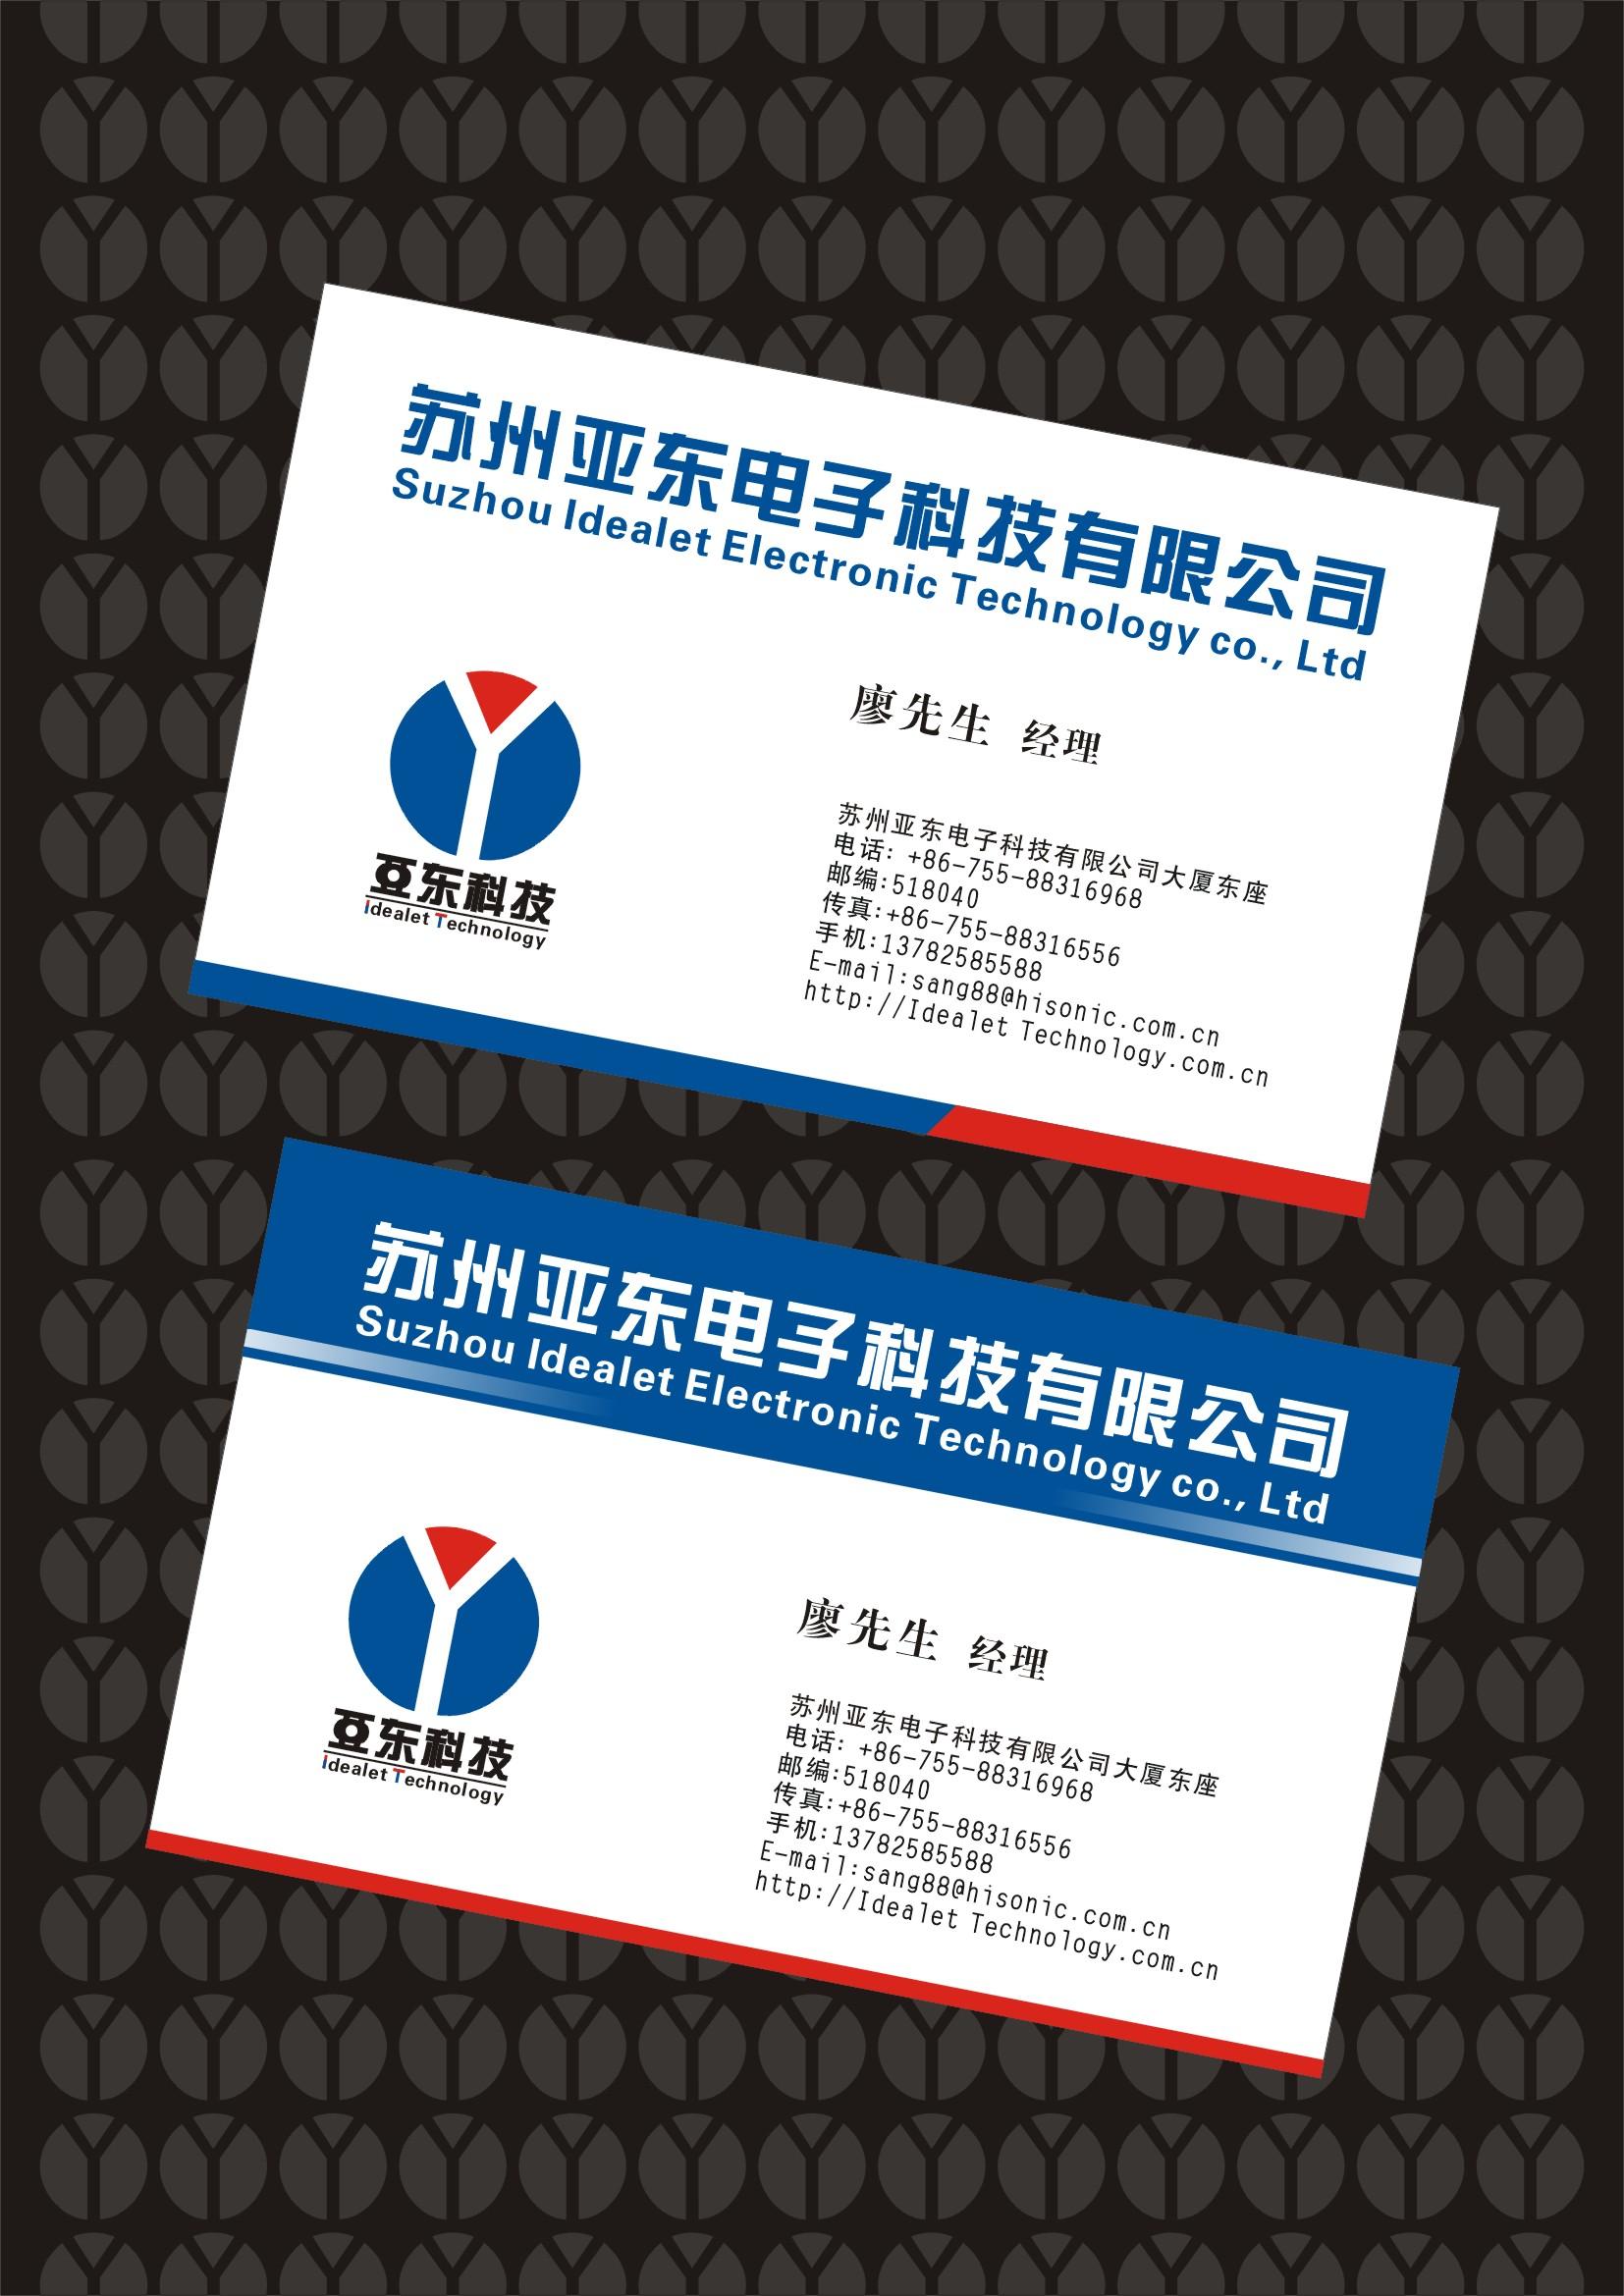 一、公司中文名称:苏州亚东电子科技有限公司 (简称:亚东科技) 英文名称:Suzhou Idealet Electronic Technology co., ltd (Idealet Technology) 公司产品:影像模组(如手机摄像头等) 二、LOGO设计内容及要求 1. LOGO的样式应简洁、大方、大气。 2. LOGO设计色彩搭配协调。具有独特的创意,易懂、易记、易识别,有强烈的视觉冲击力和直观的整体美感。 3.